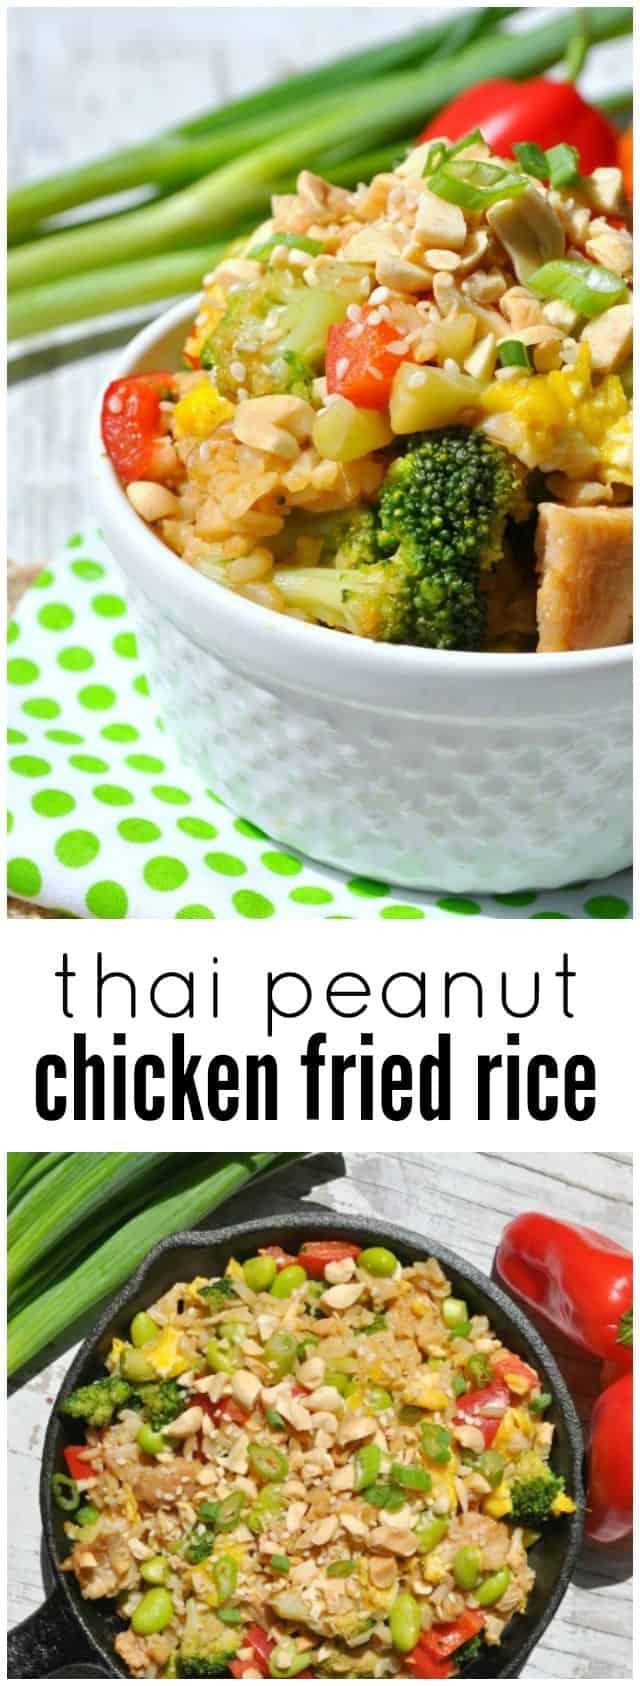 Thai Peanut Chicken Fried Rice